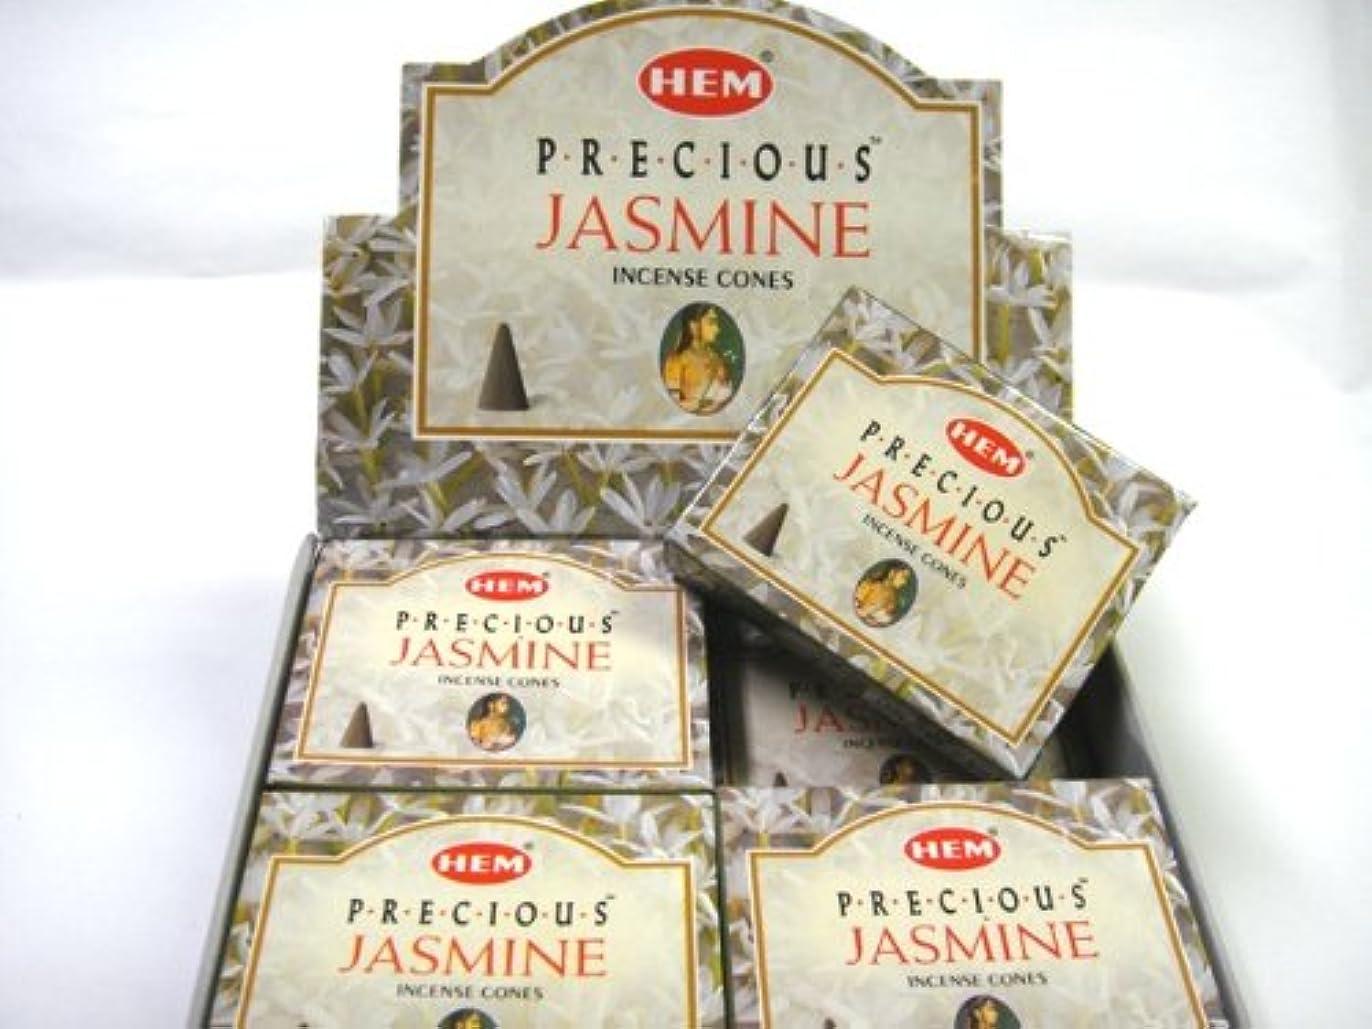 分割飼料落ち着くHEM プレシャスジャスミン コーンタイプ1ケース(12箱入り)